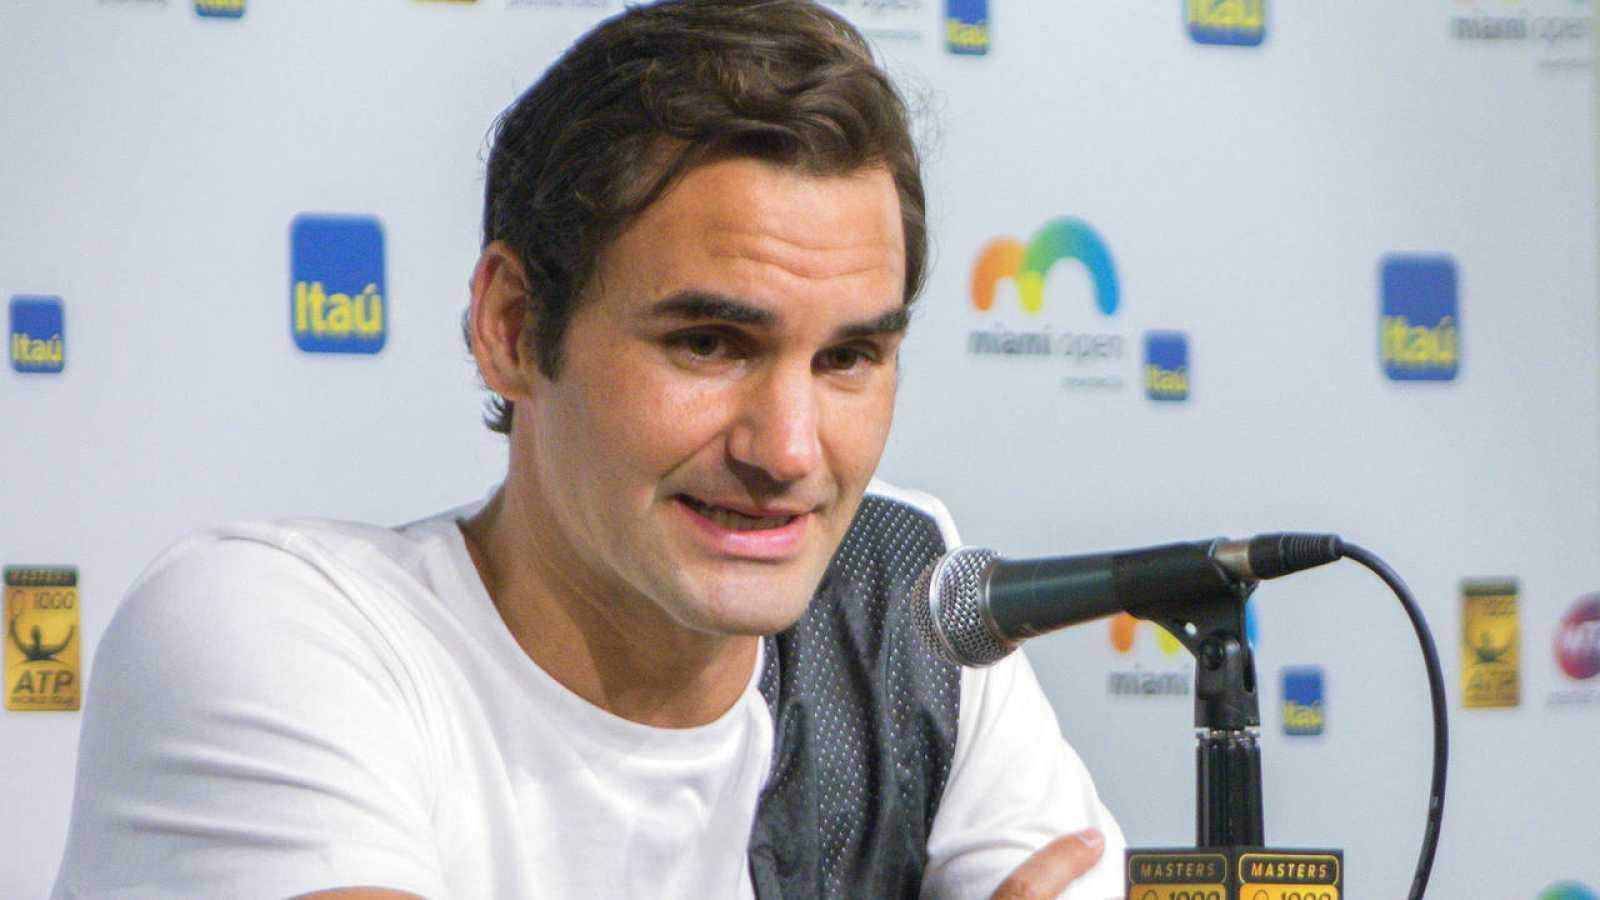 Rueda de prensa del tenista suizo Roger Federer